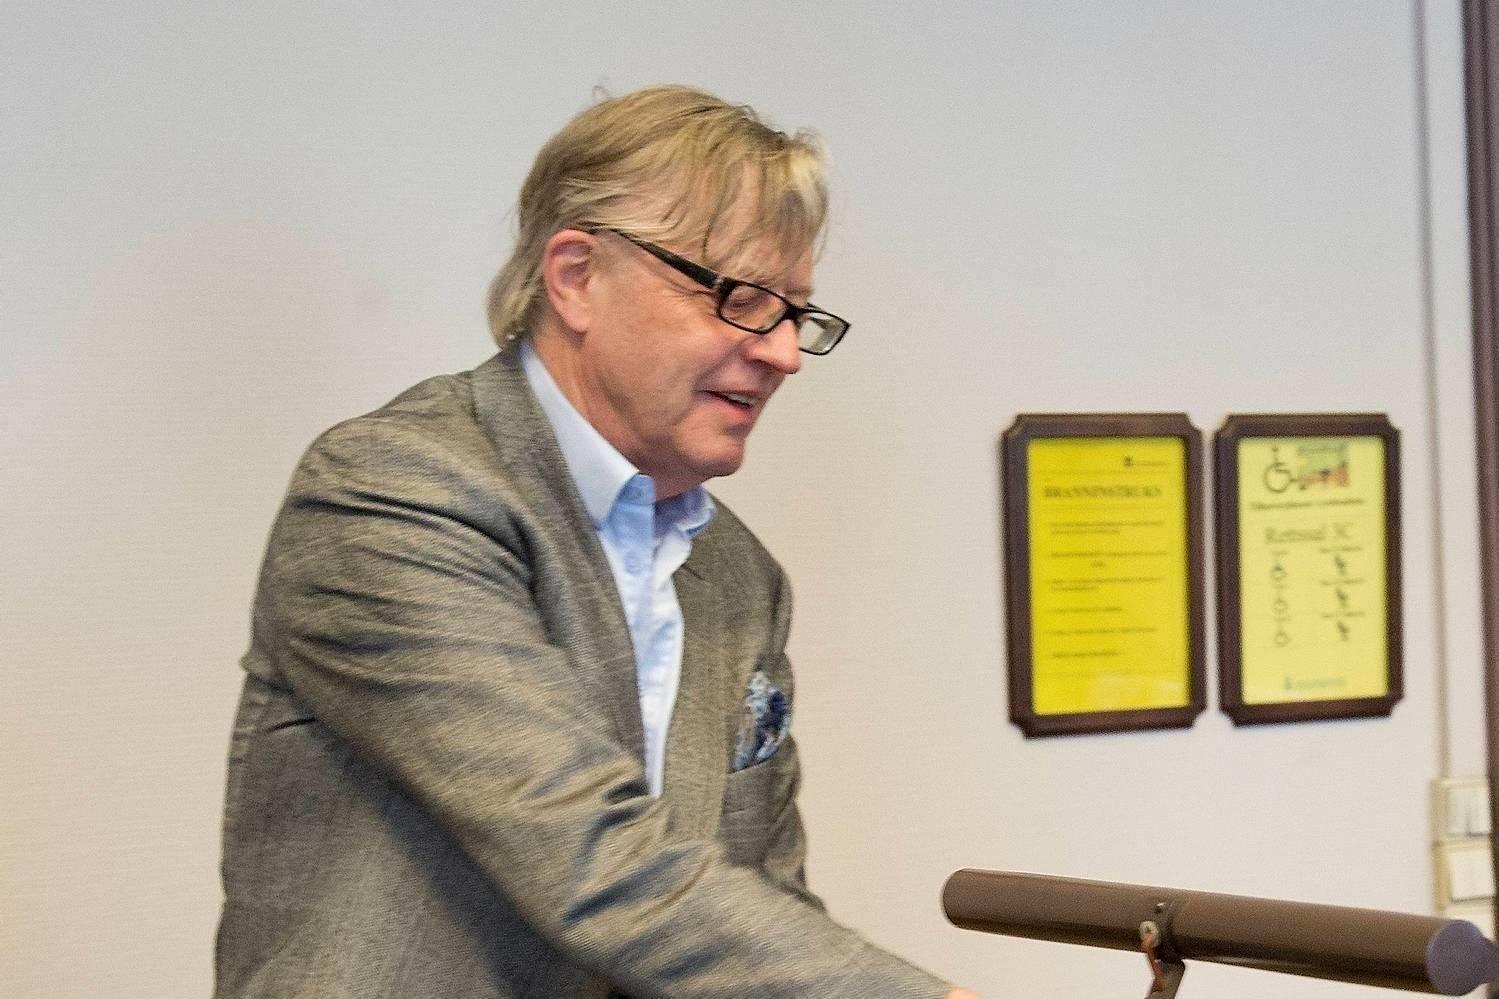 Bergensadvokaten Odd Drevland er tiltalt for underslag, bedrageri og dokumentfalsk.